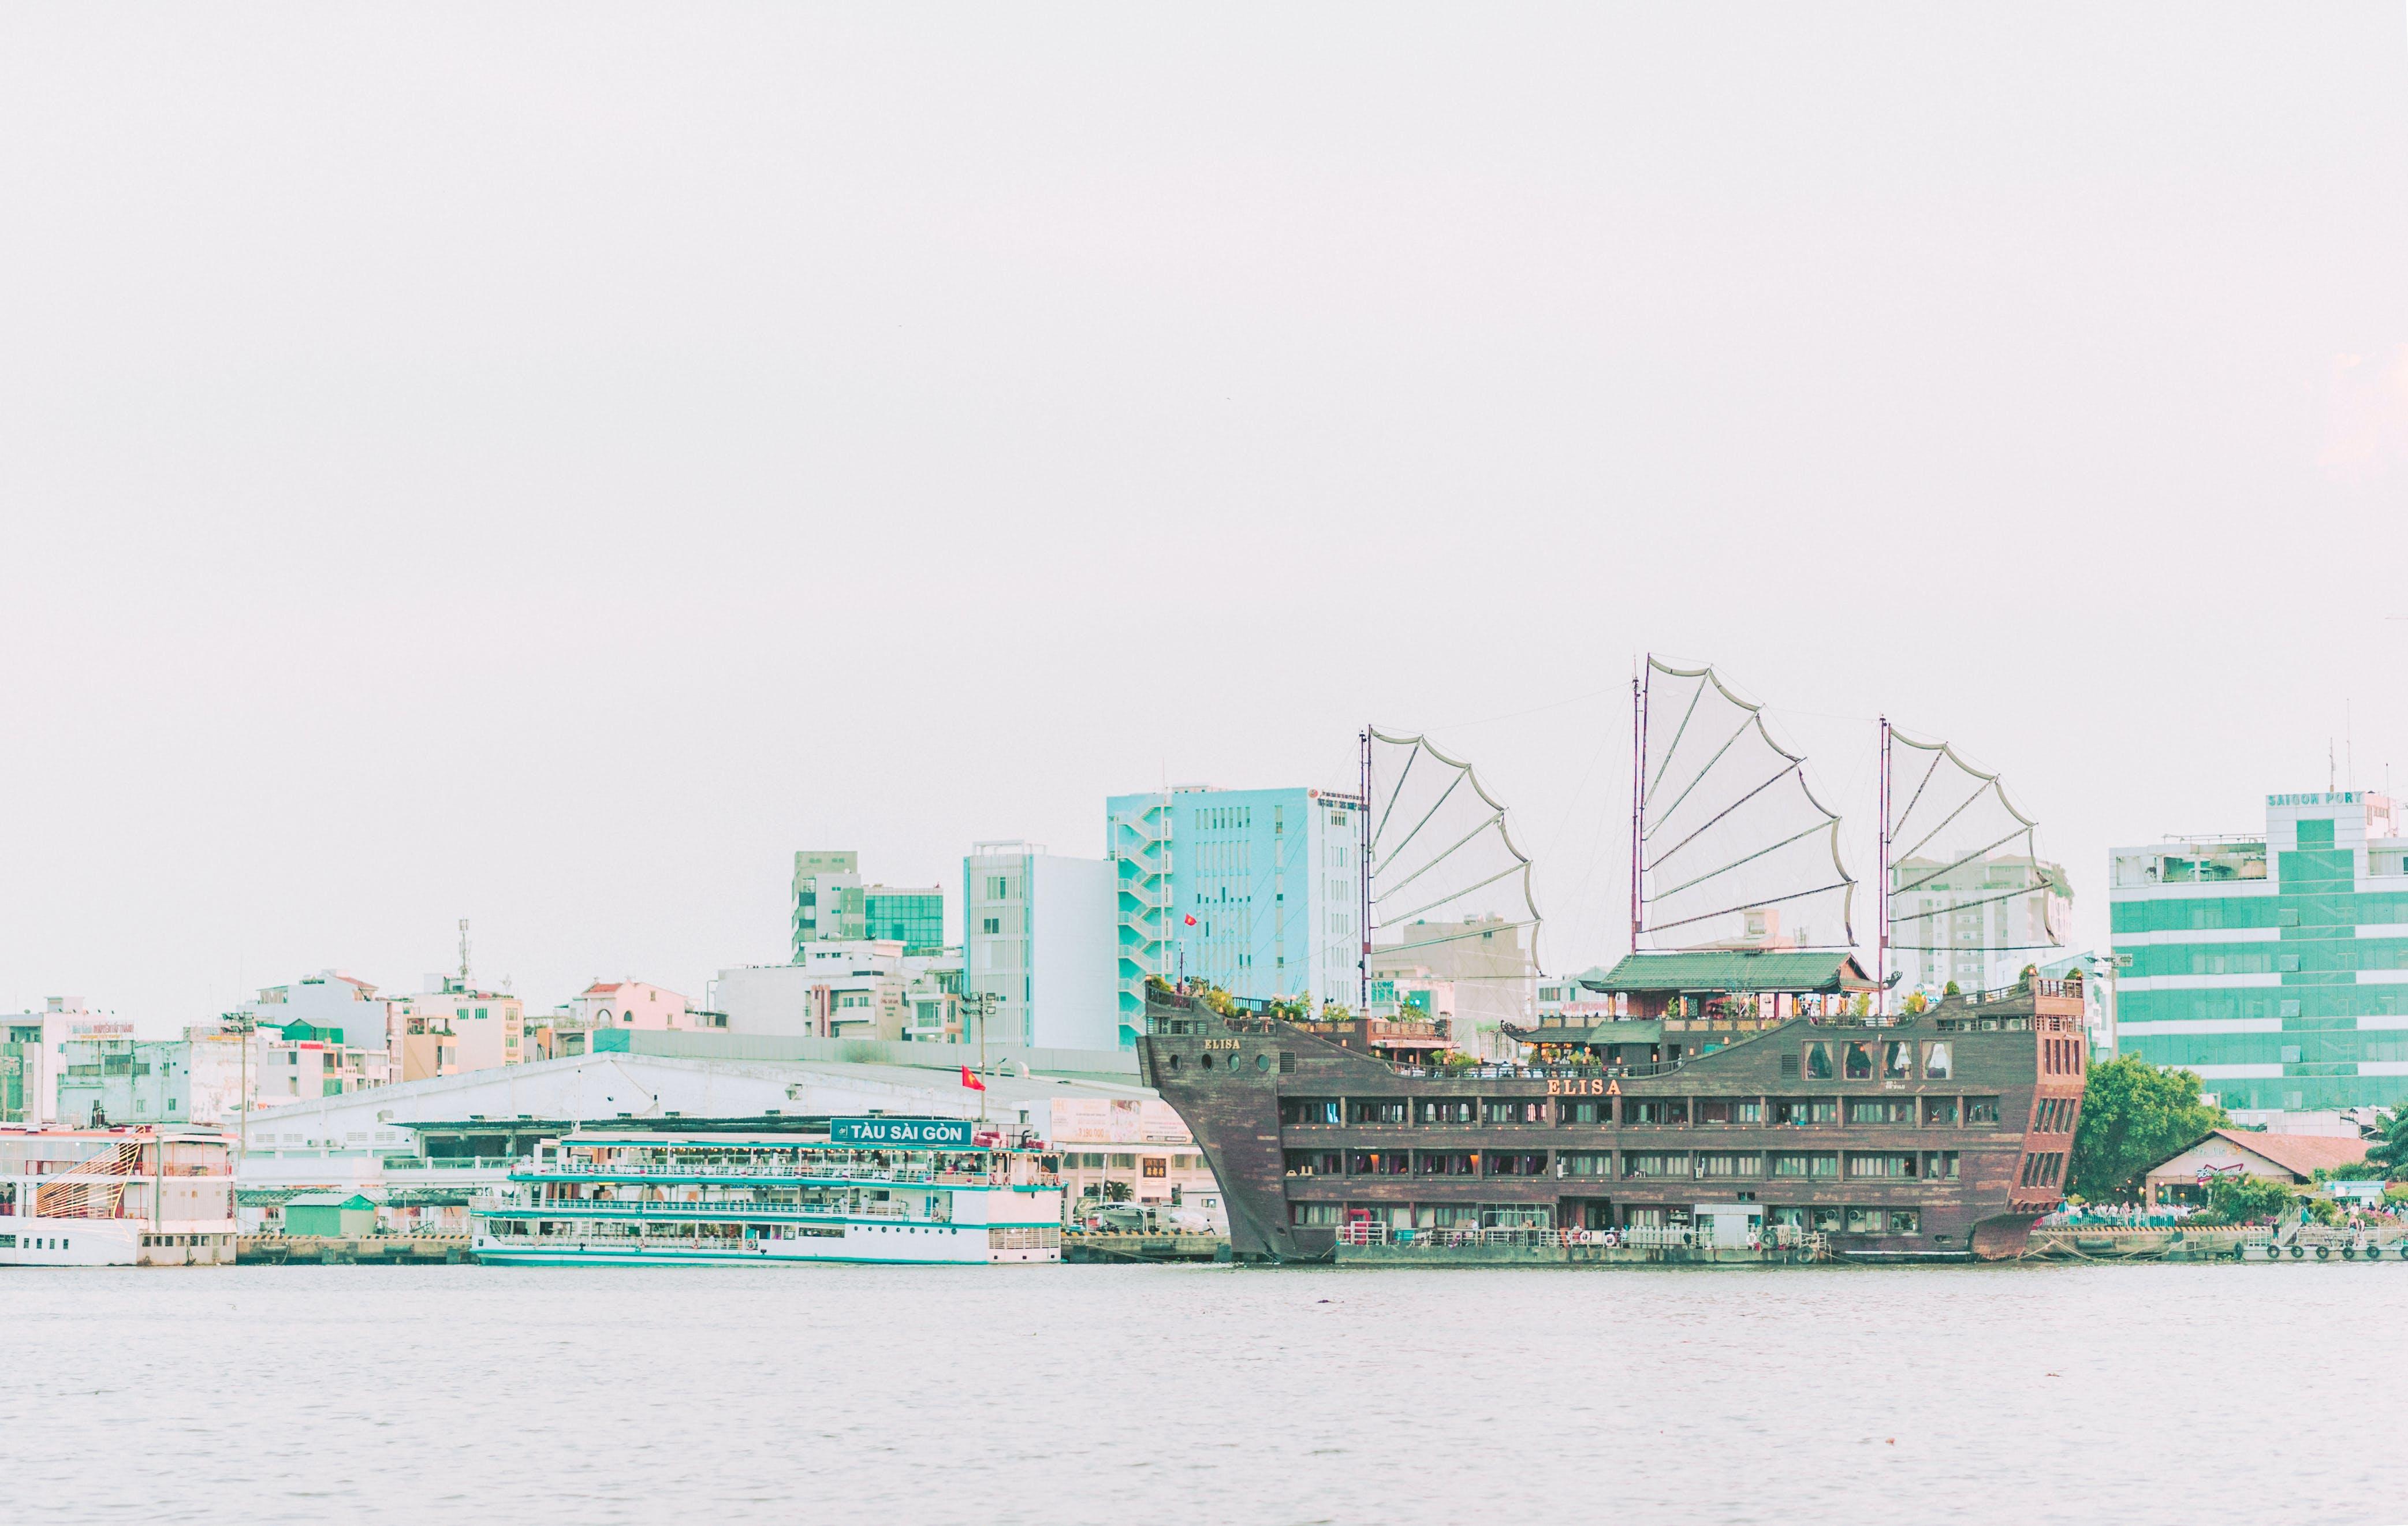 건물, 건축, 교통체계, 도시의 무료 스톡 사진